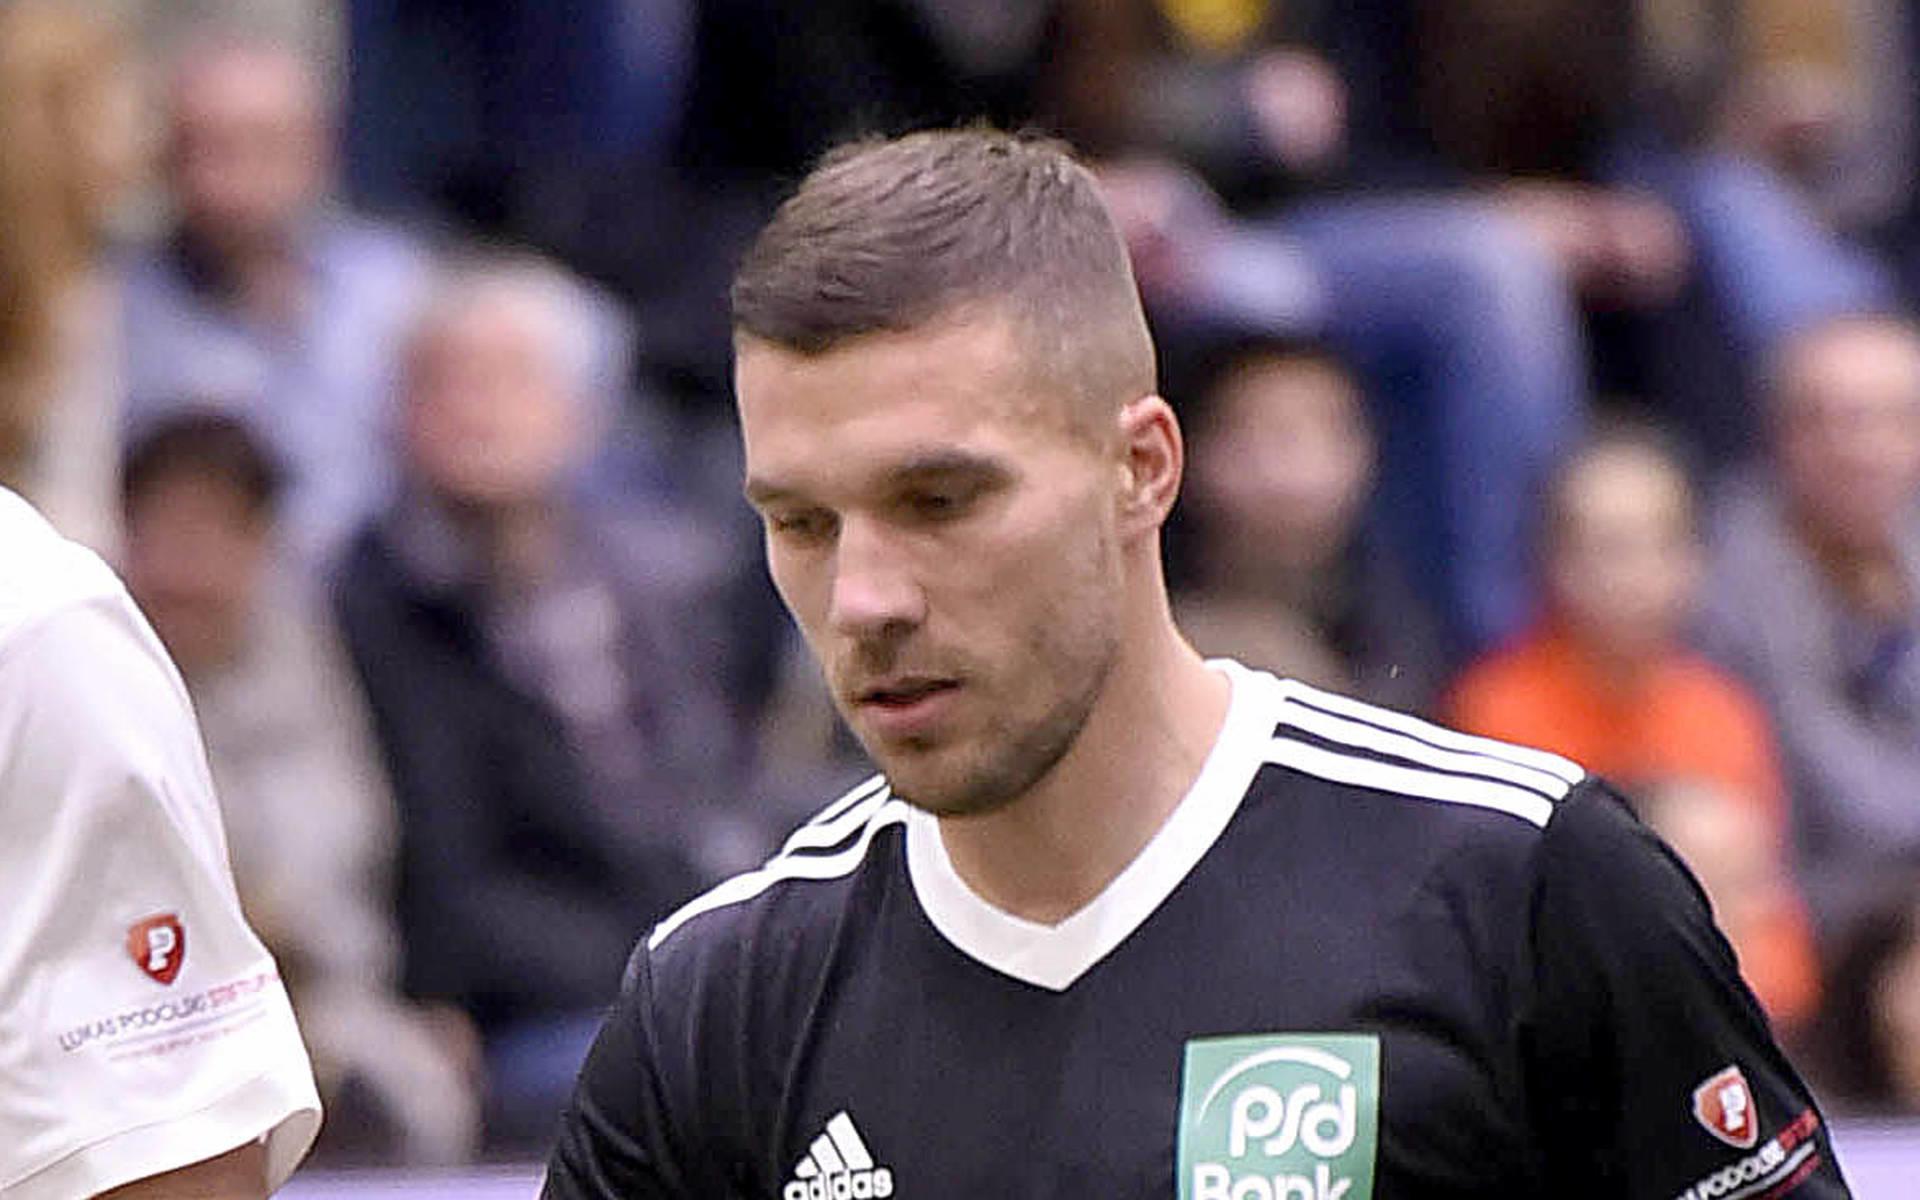 Geht Die Beziehung In Die Bruche Lukas Podolski Und Der 1 Fc Koln